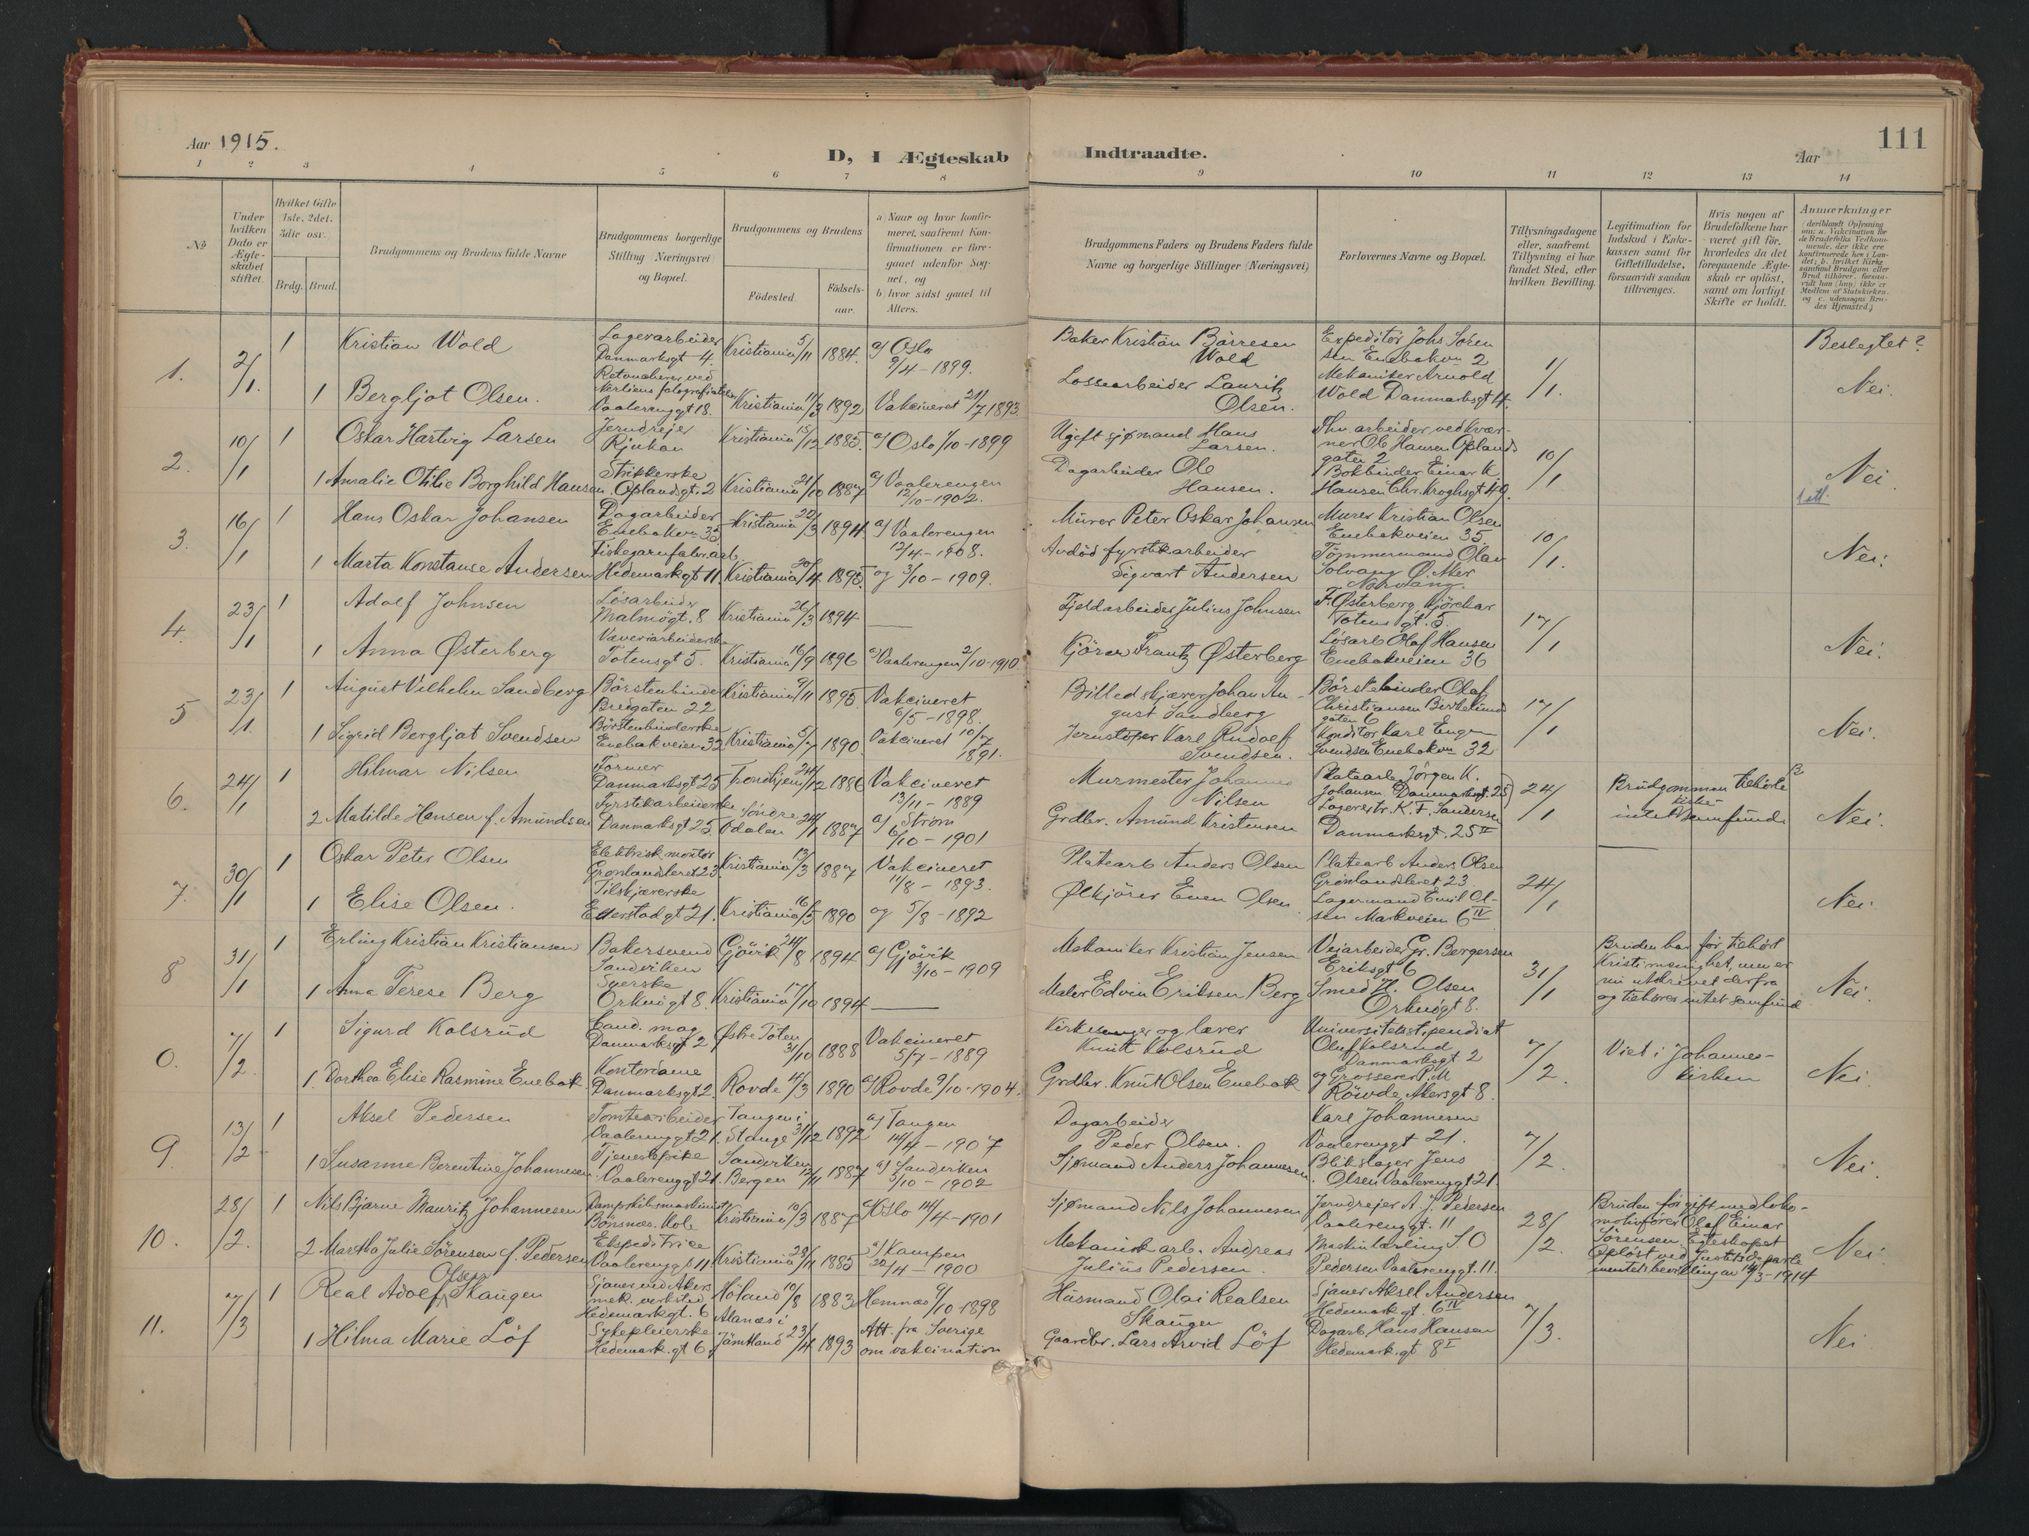 SAO, Vålerengen prestekontor Kirkebøker, F/Fa/L0002: Ministerialbok nr. 2, 1899-1924, s. 111